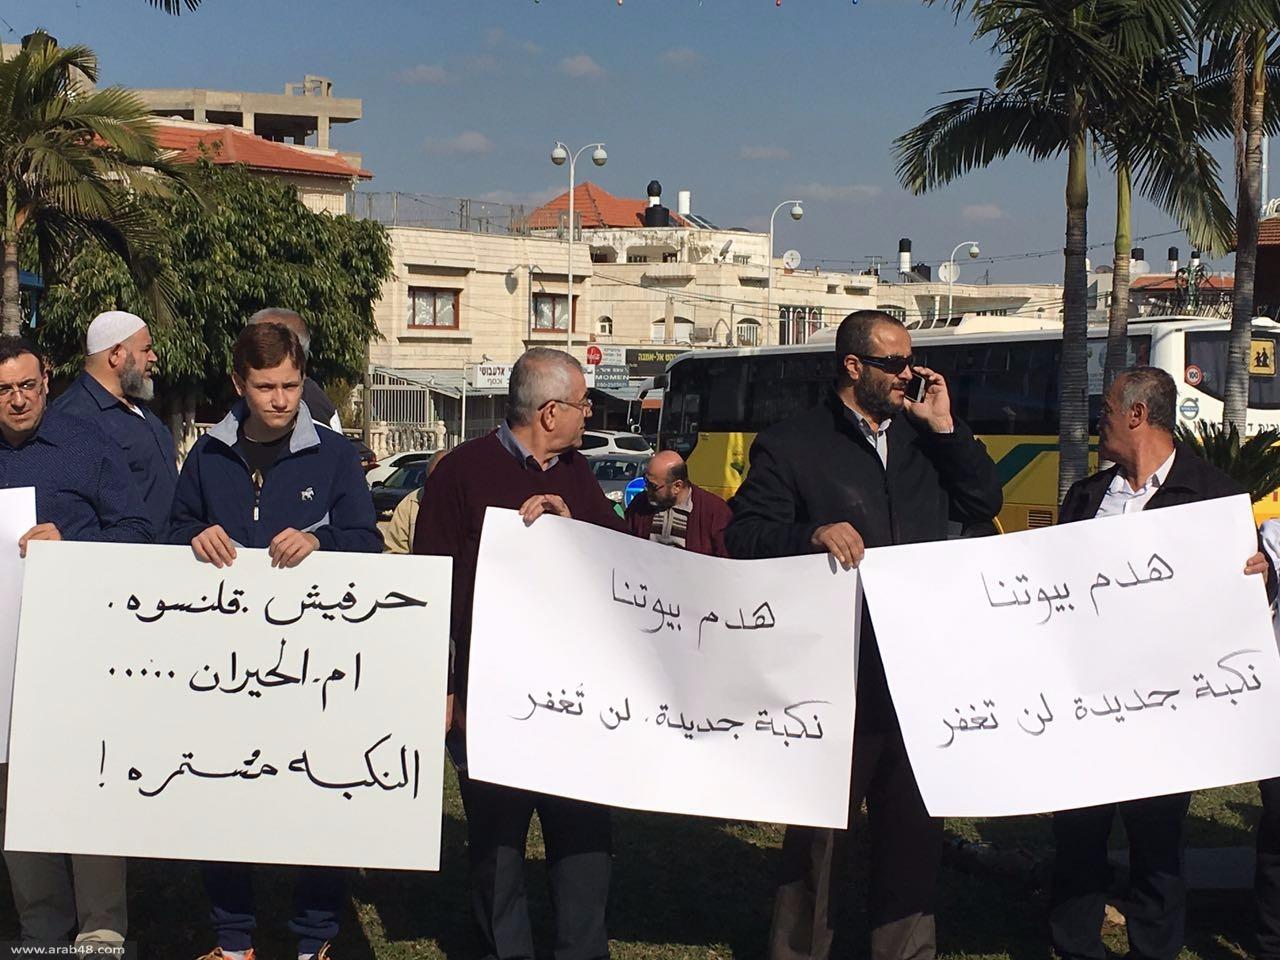 تظاهرات الاحتجاج ضد الهدم تتواصل في البلدات العربية